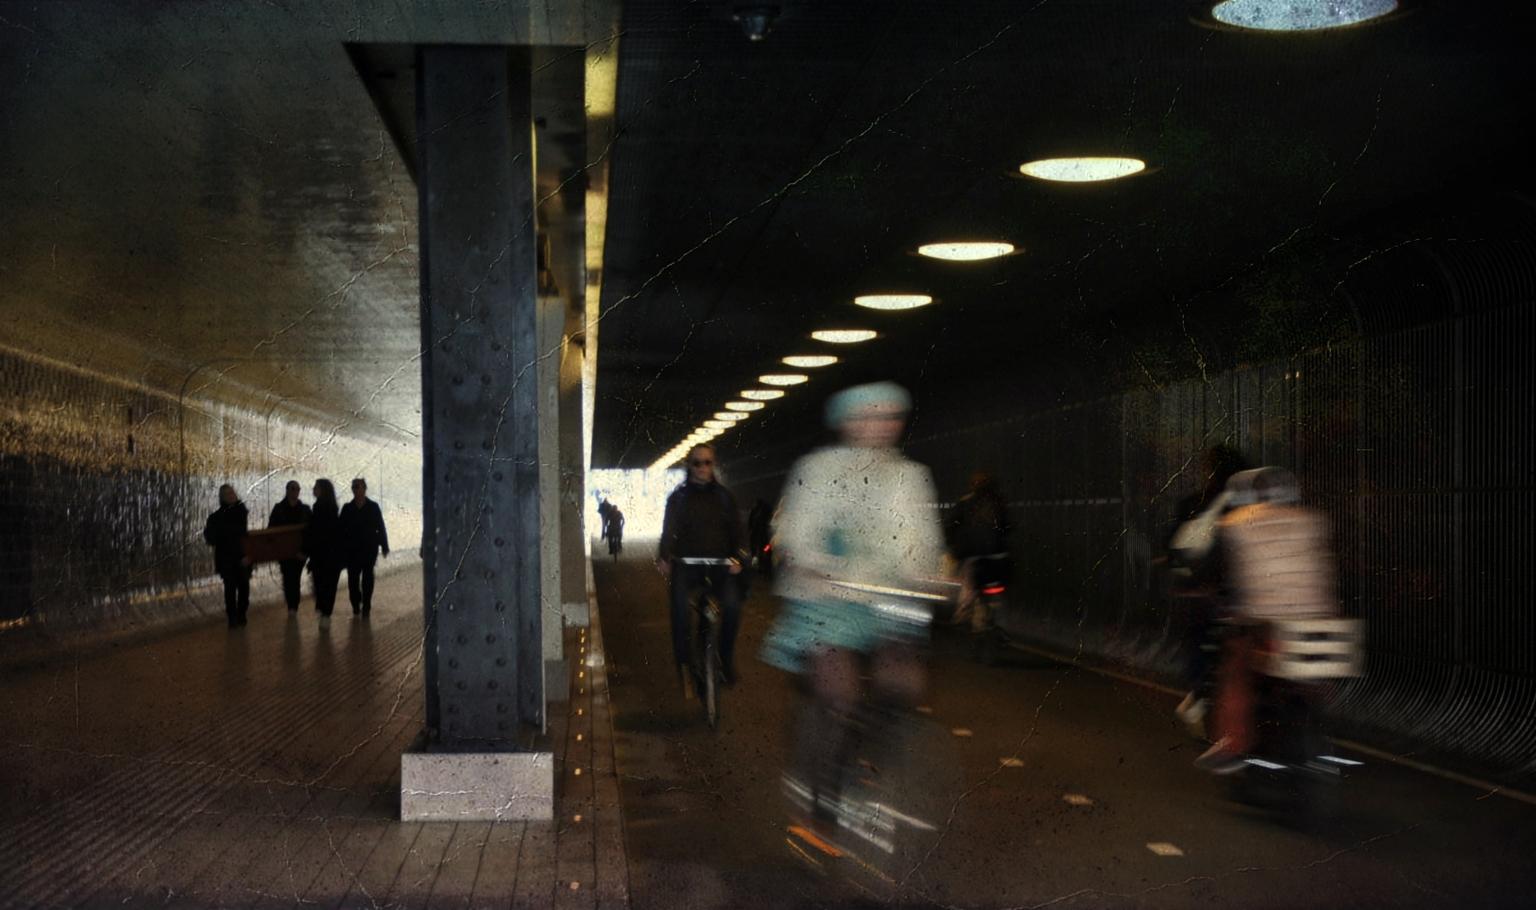 Altijd Haast . . . - Oppassen geblazen bij in en uitgang van de tunnel - foto door 1103 op 12-04-2021 - deze foto bevat: automotive verlichting, kunst, tinten en schakeringen, weg, stad, weg oppervlak, duisternis, voetganger, asfalt, middernacht